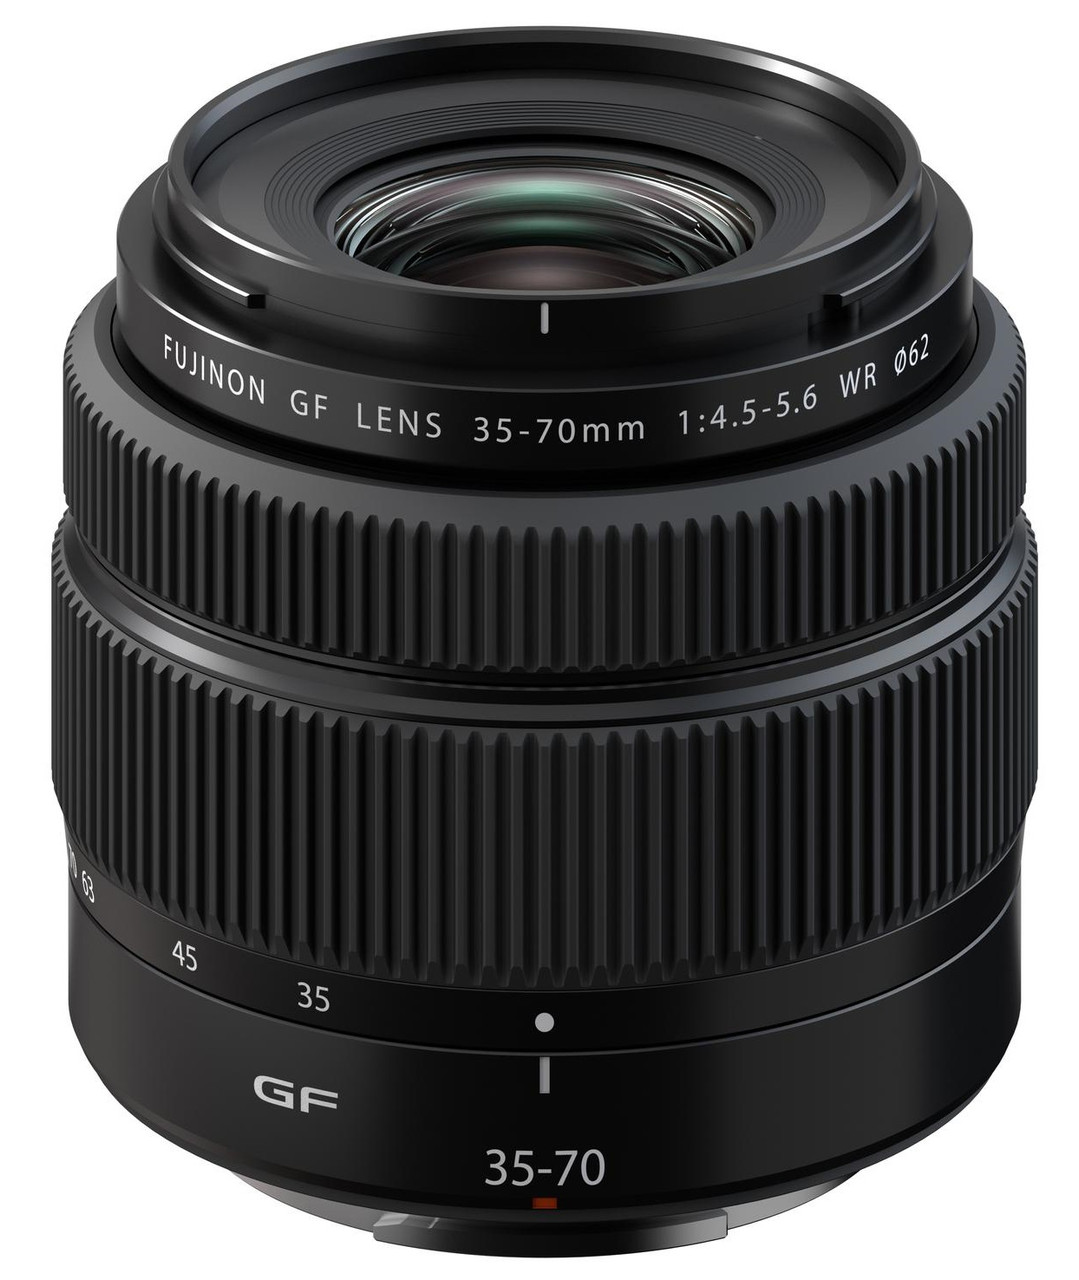 Fujifilm GF 35-70mm f/4.5-5.6 WR Lens